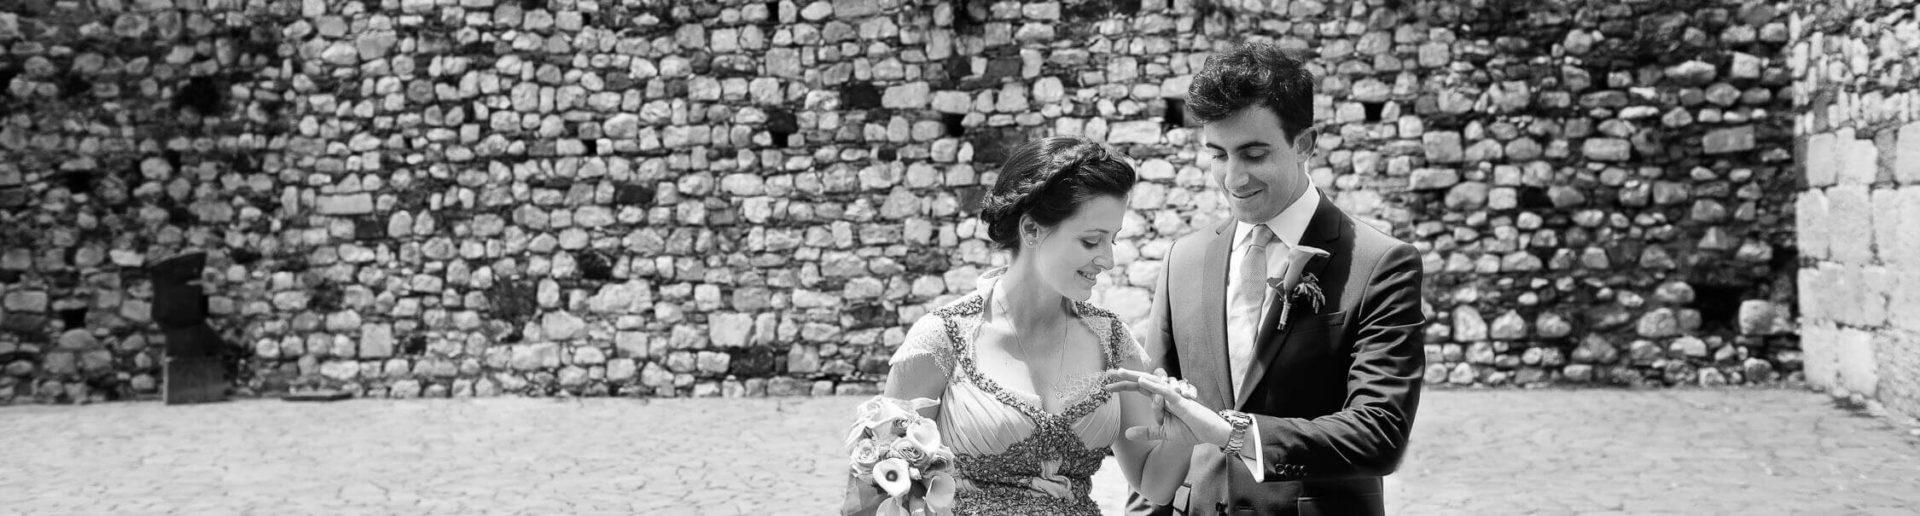 Sposi in Sicilia, foto bianco e nero per matrimonio di Nino Lombardo